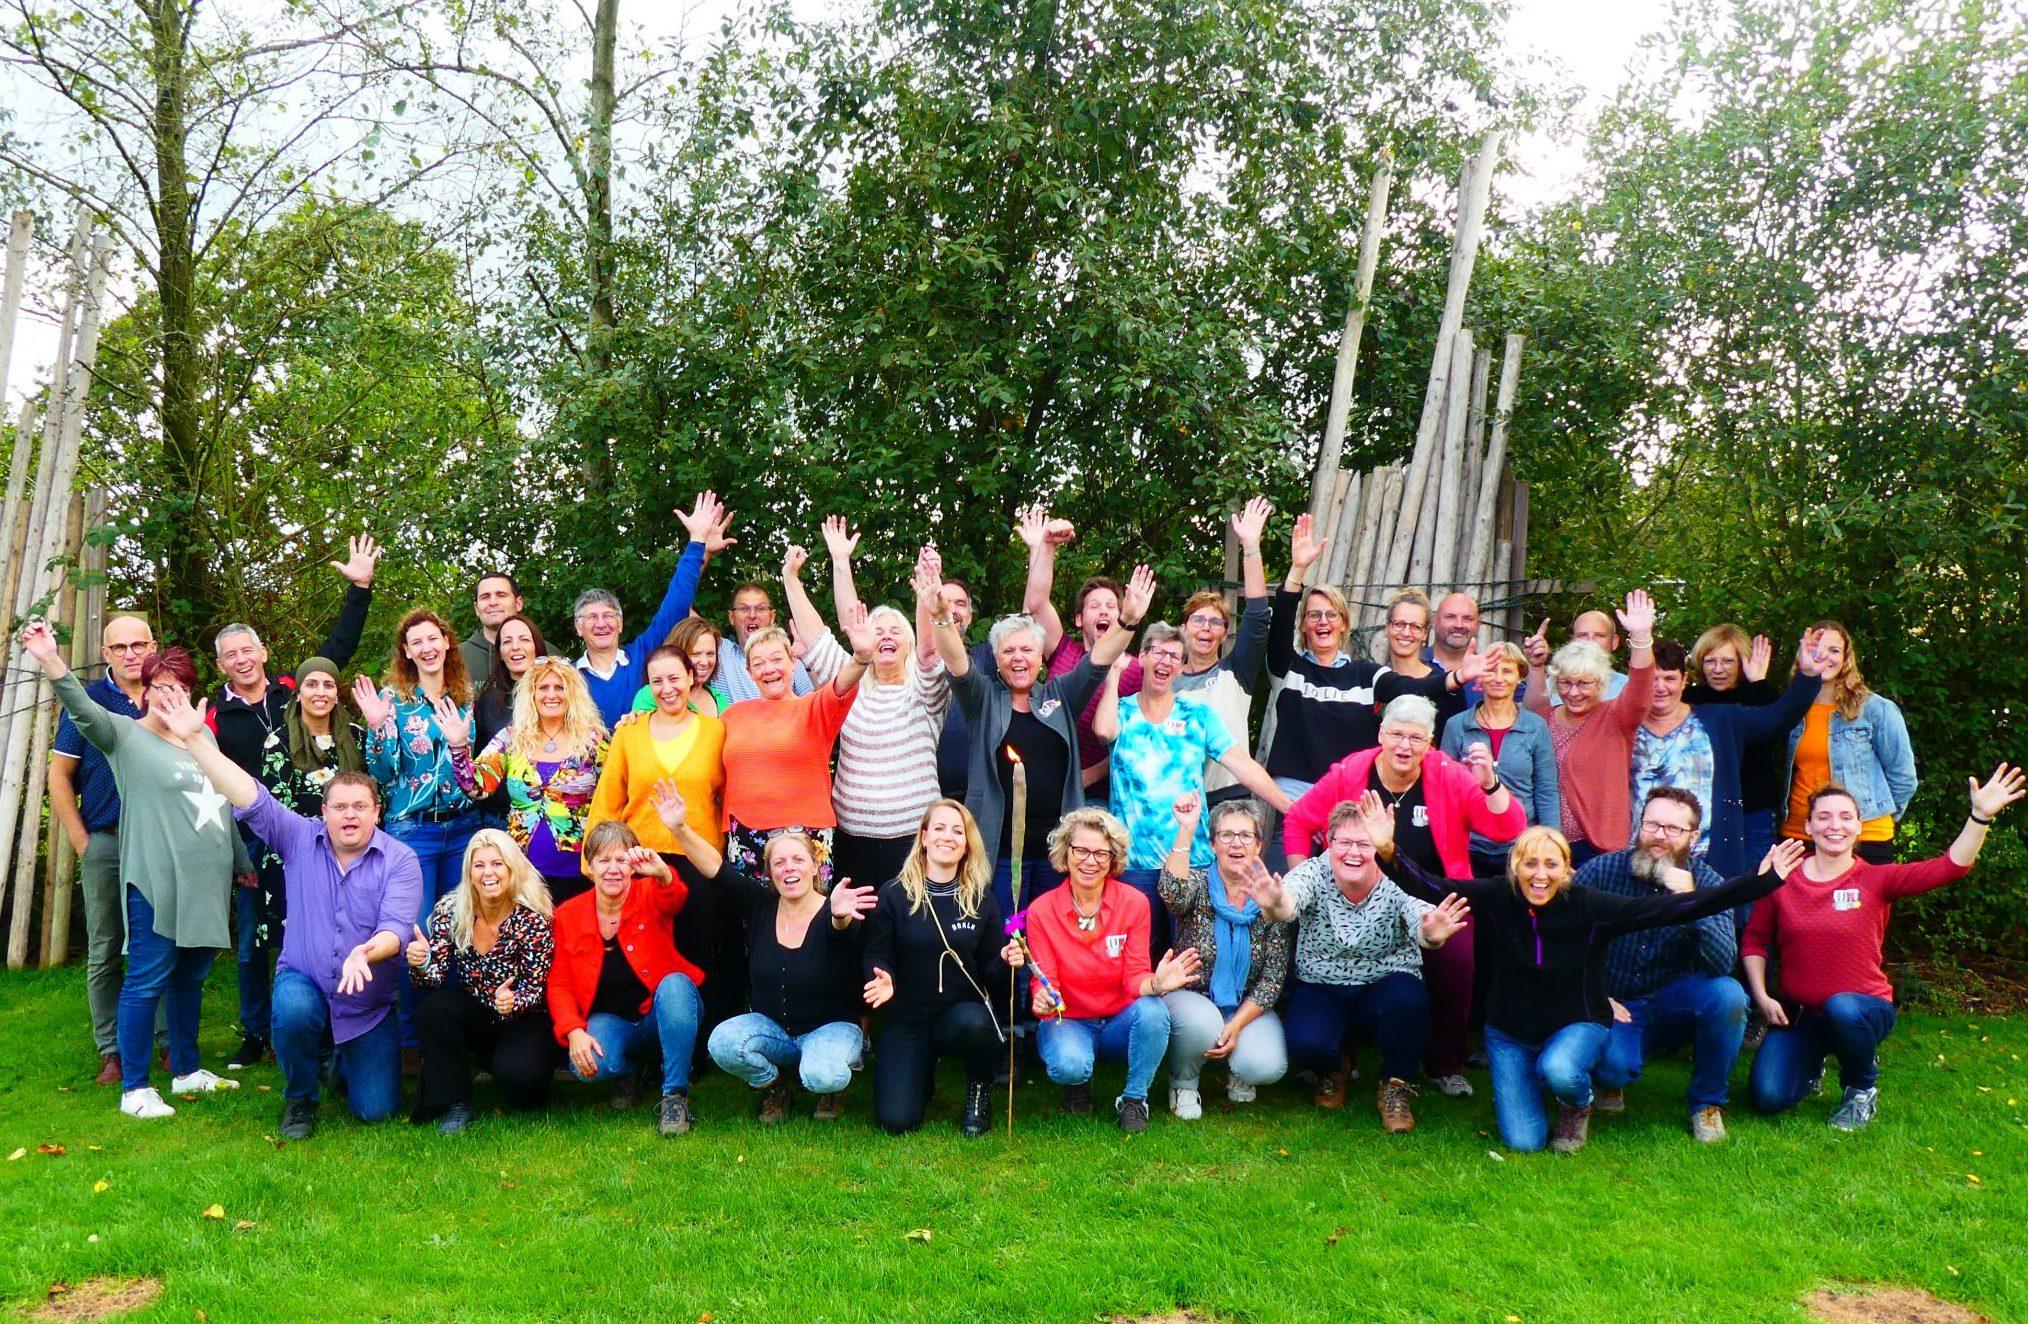 Teamdag Drenthe Groningen friesland scaled e1613402511790 - Het Drents Kwartiertje - Solex Huren / Rijden - Dafje Huren / Rijden - Groepsactiviteiten, workshops, teambuilding en trainingen Drenthe